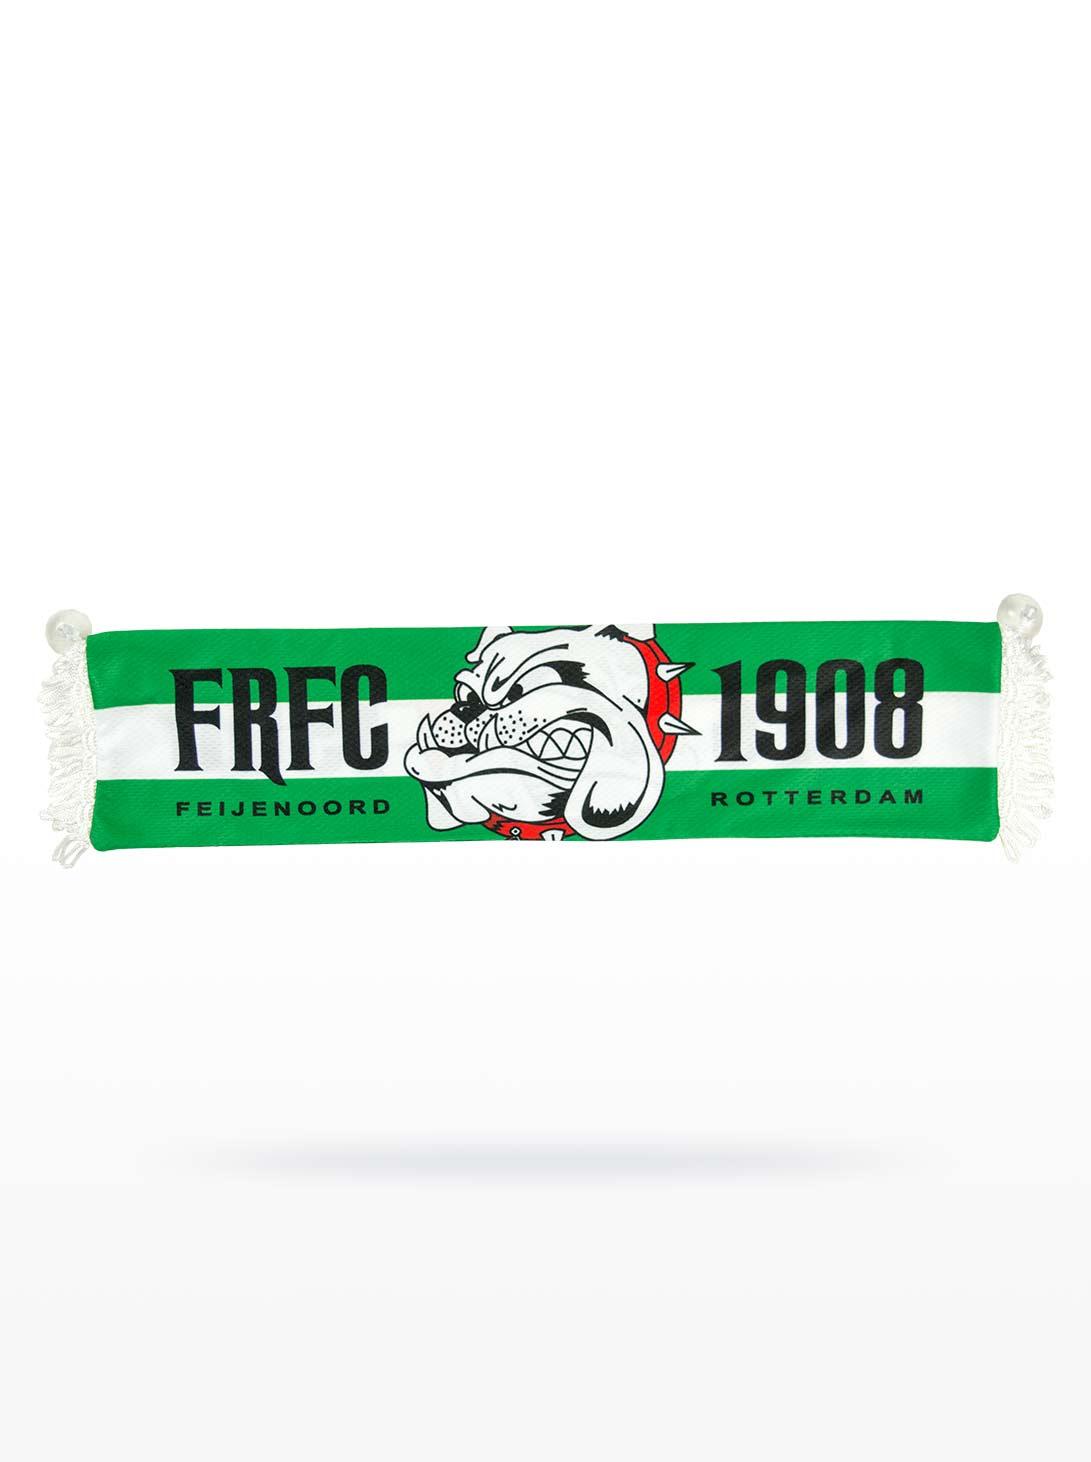 Feyenoord Minisjaal FRFC1908 Bulldog